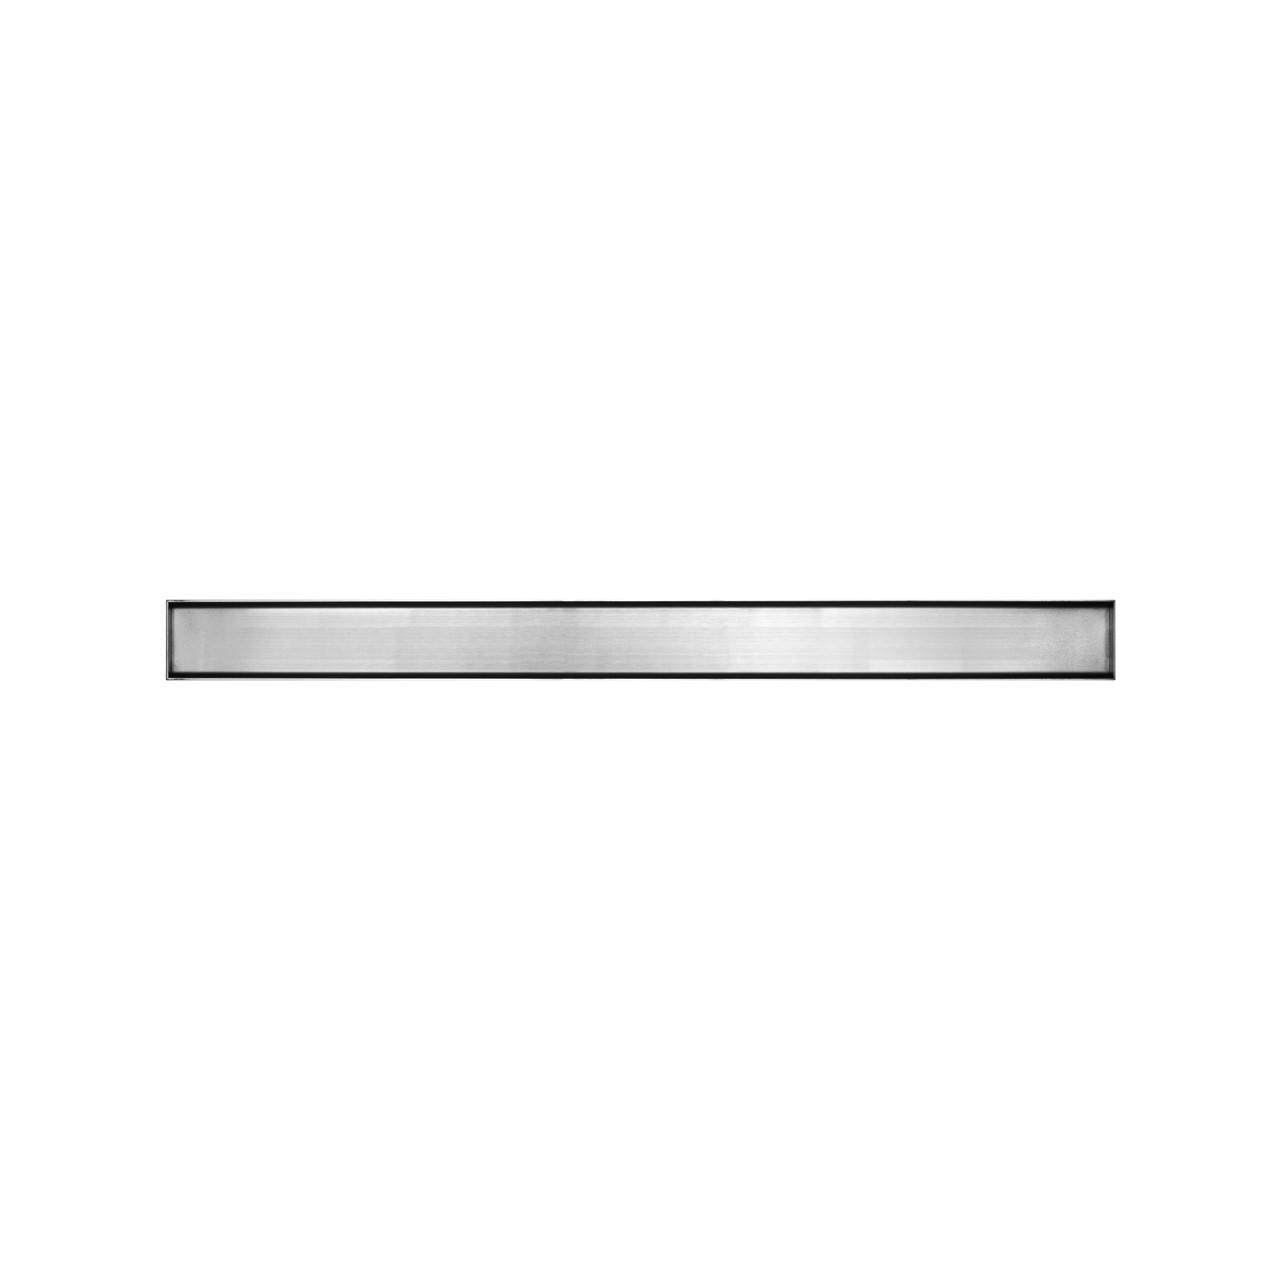 """Трап для душа Inox Style из нержавеющей стали 585 мм с решеткой """"Под натуральный камень"""" L58510"""